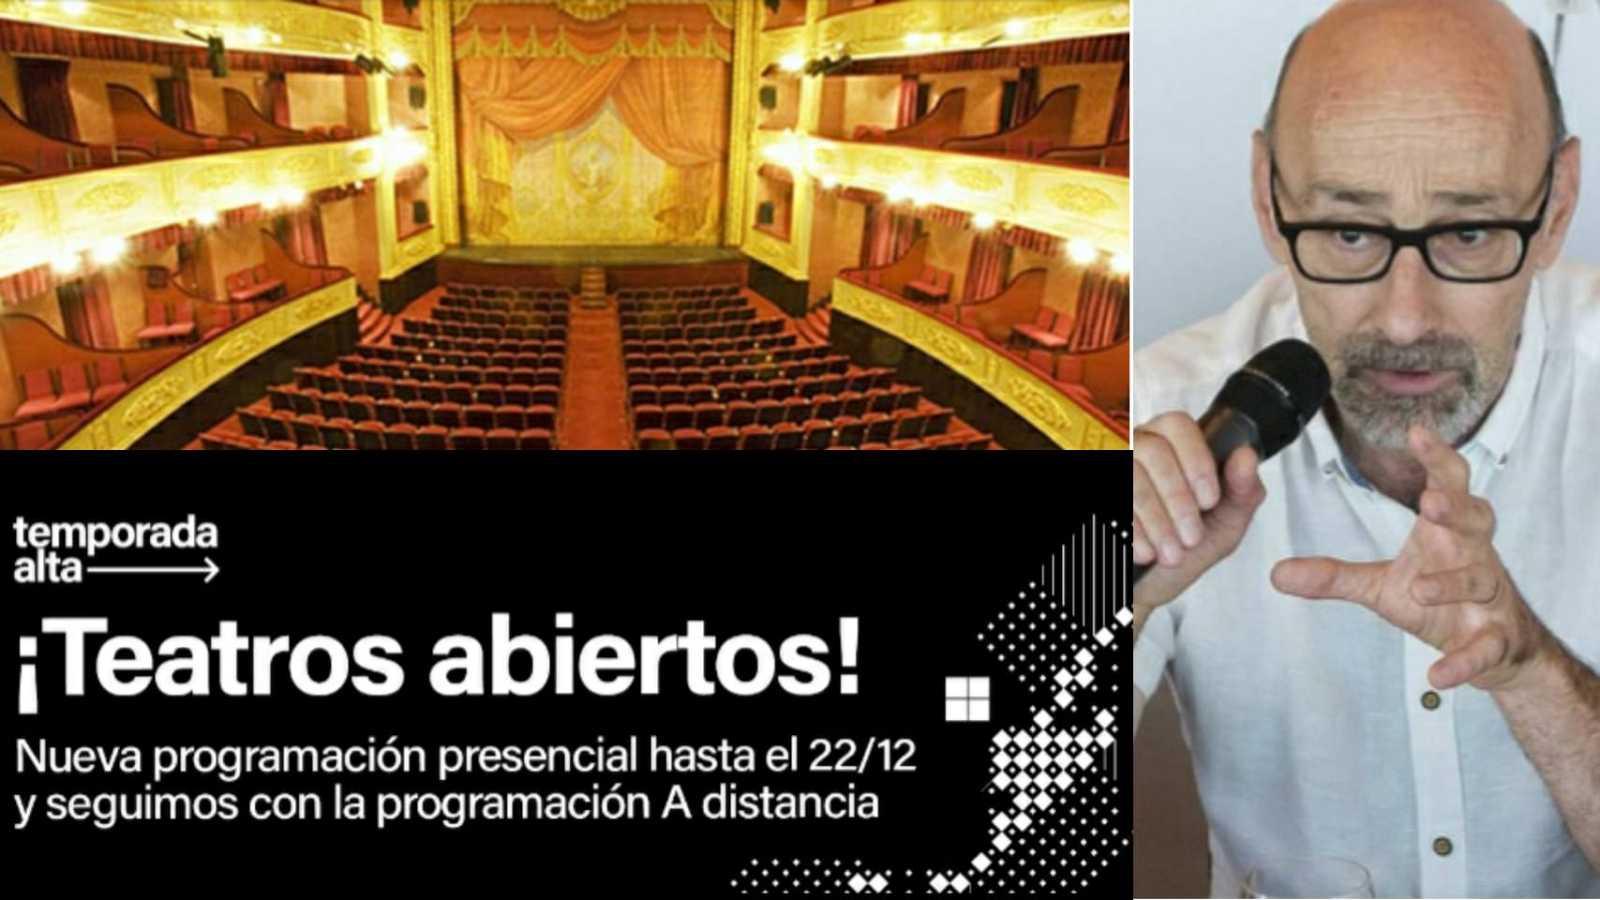 La sala - Salvador Sunyer, director de Temporada Alta, festival de otoño de Cataluña - 24/11/20 - Escuchar ahora